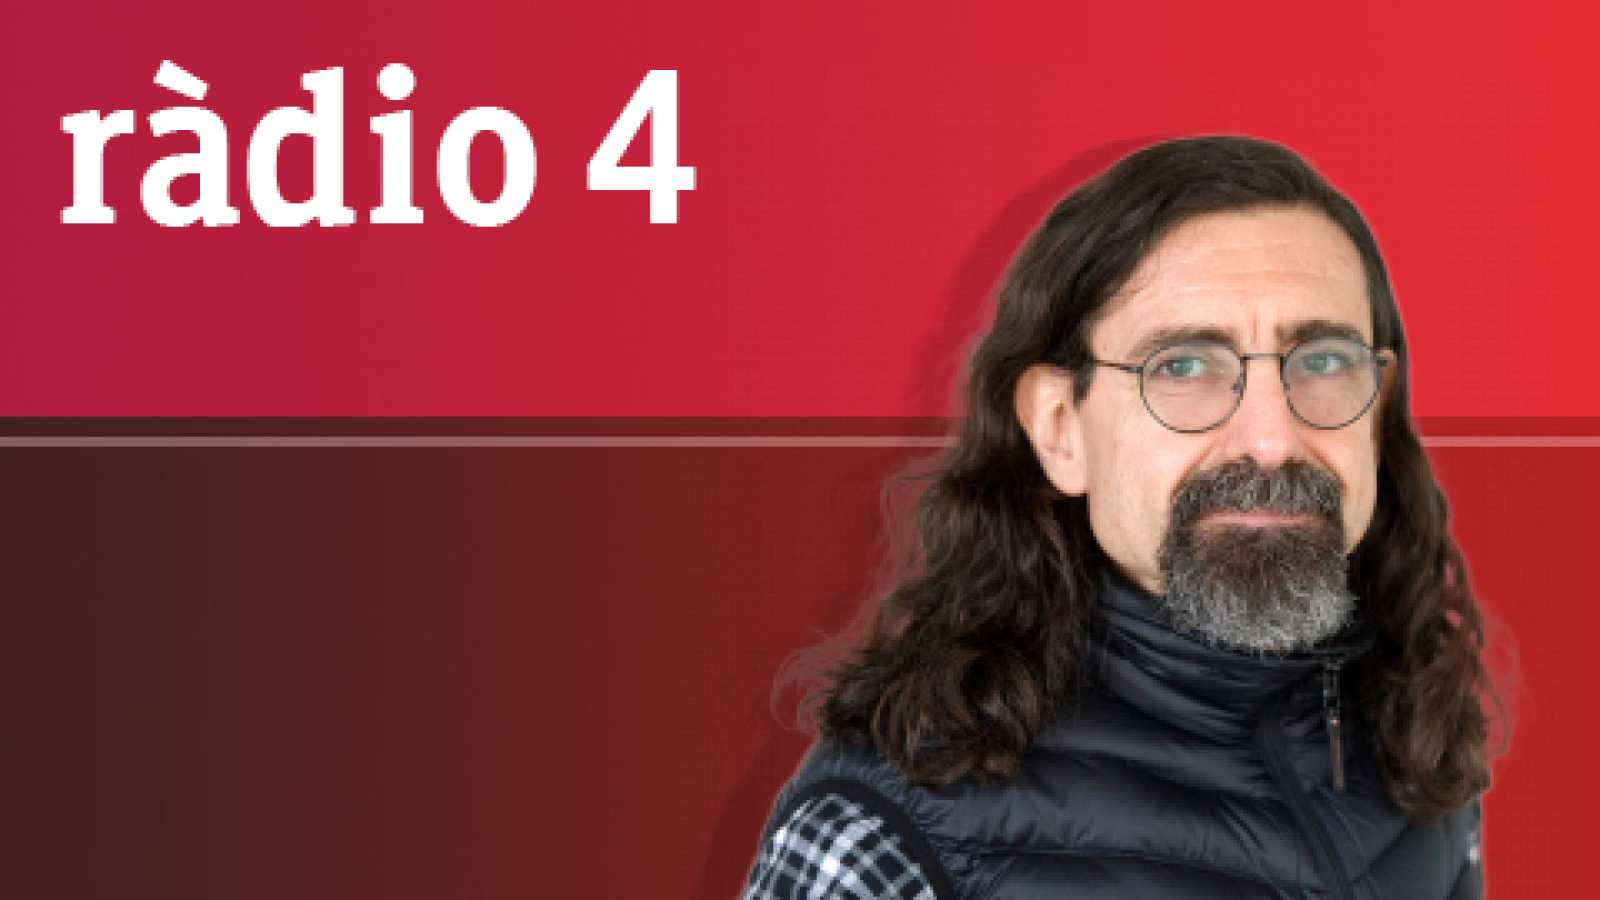 L'altra ràdio - 11 d'octubre 2013